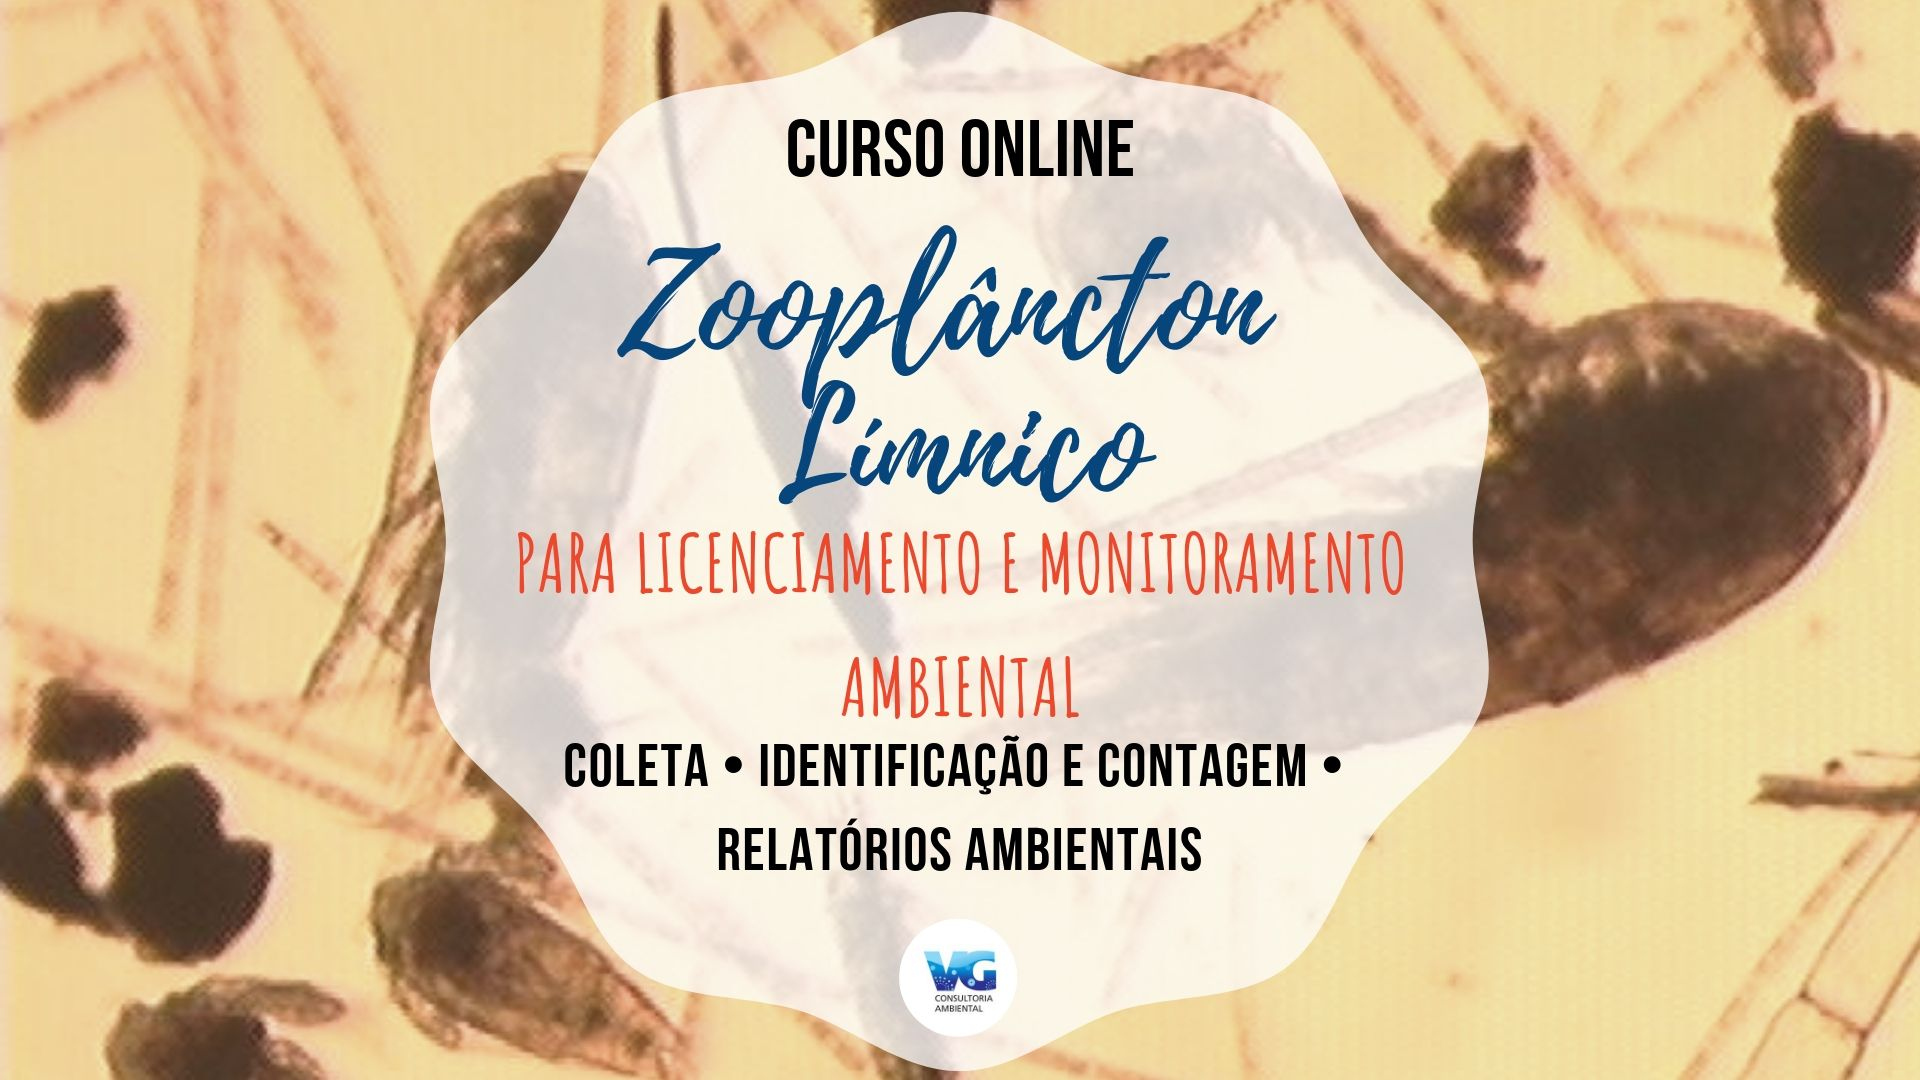 licenciamento-zoo-limnico-online